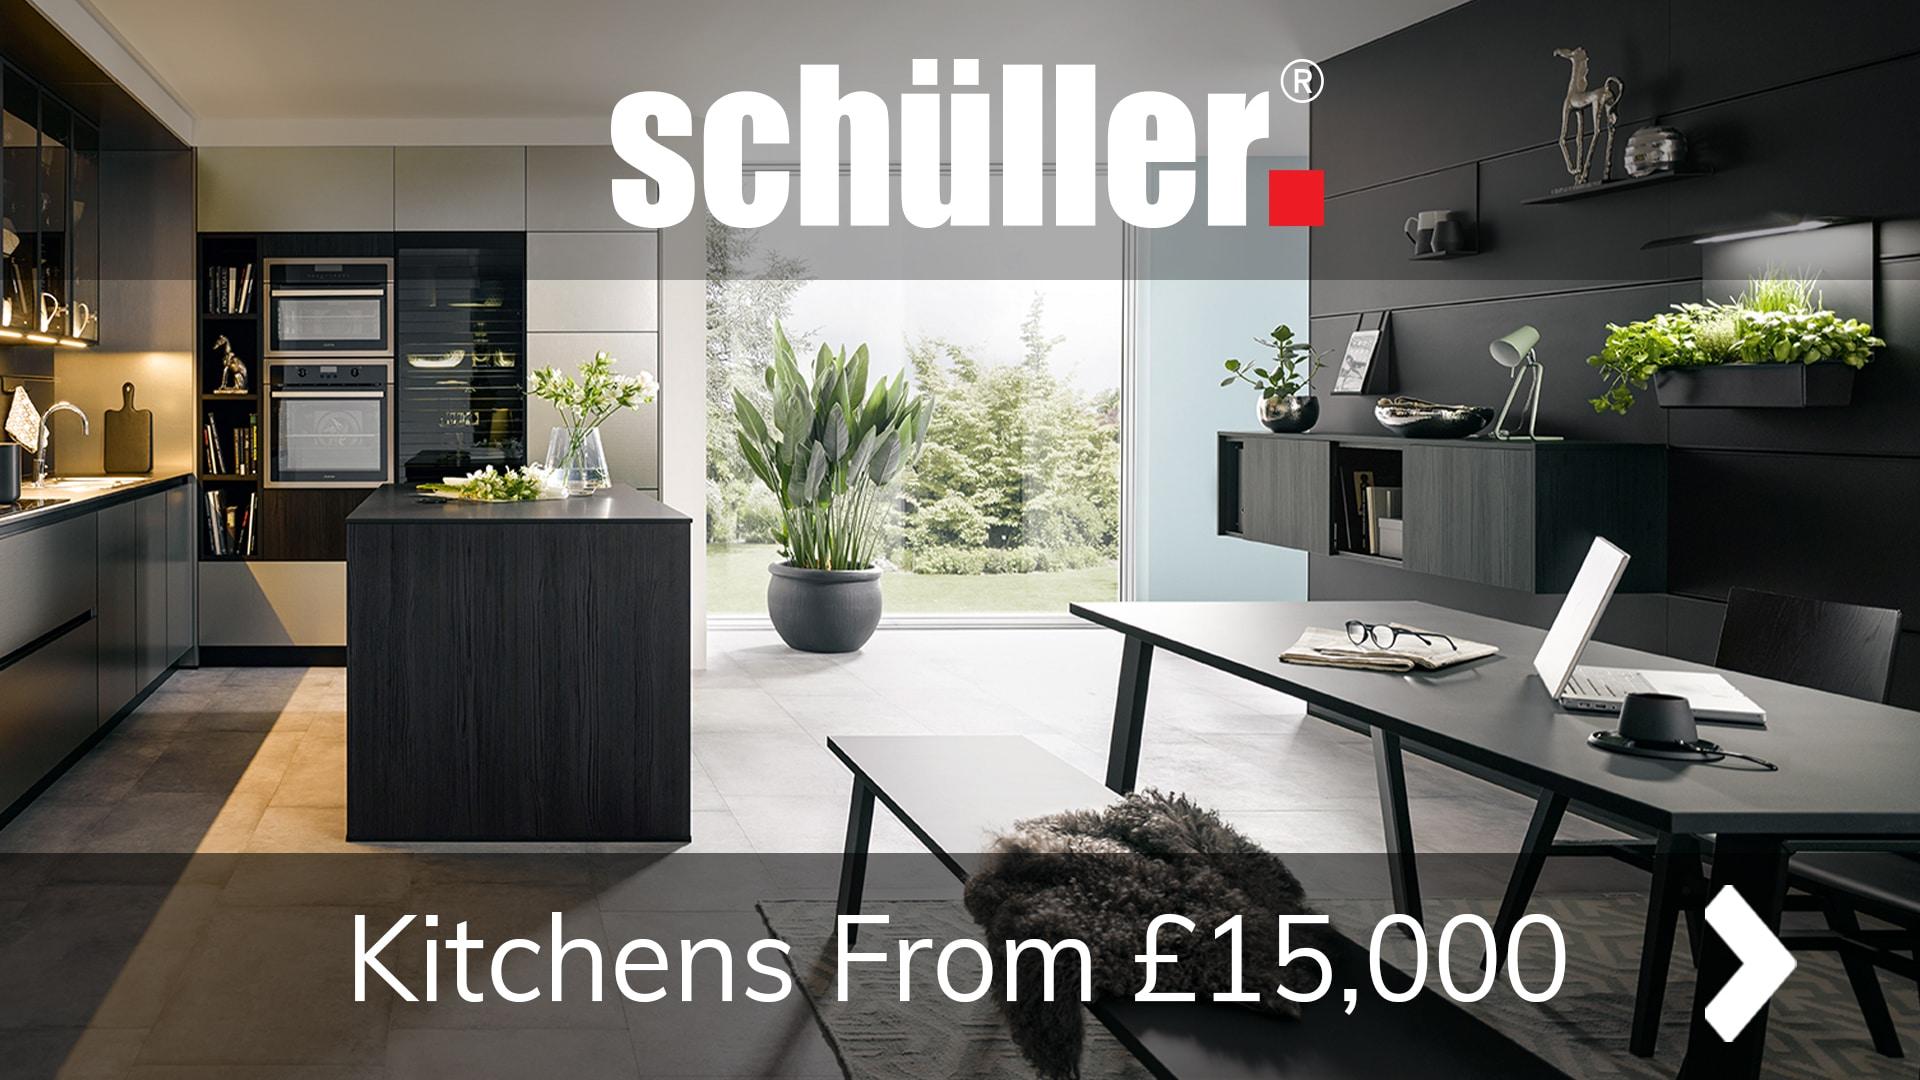 designer kitchens cardiff - schuller kitchens 001